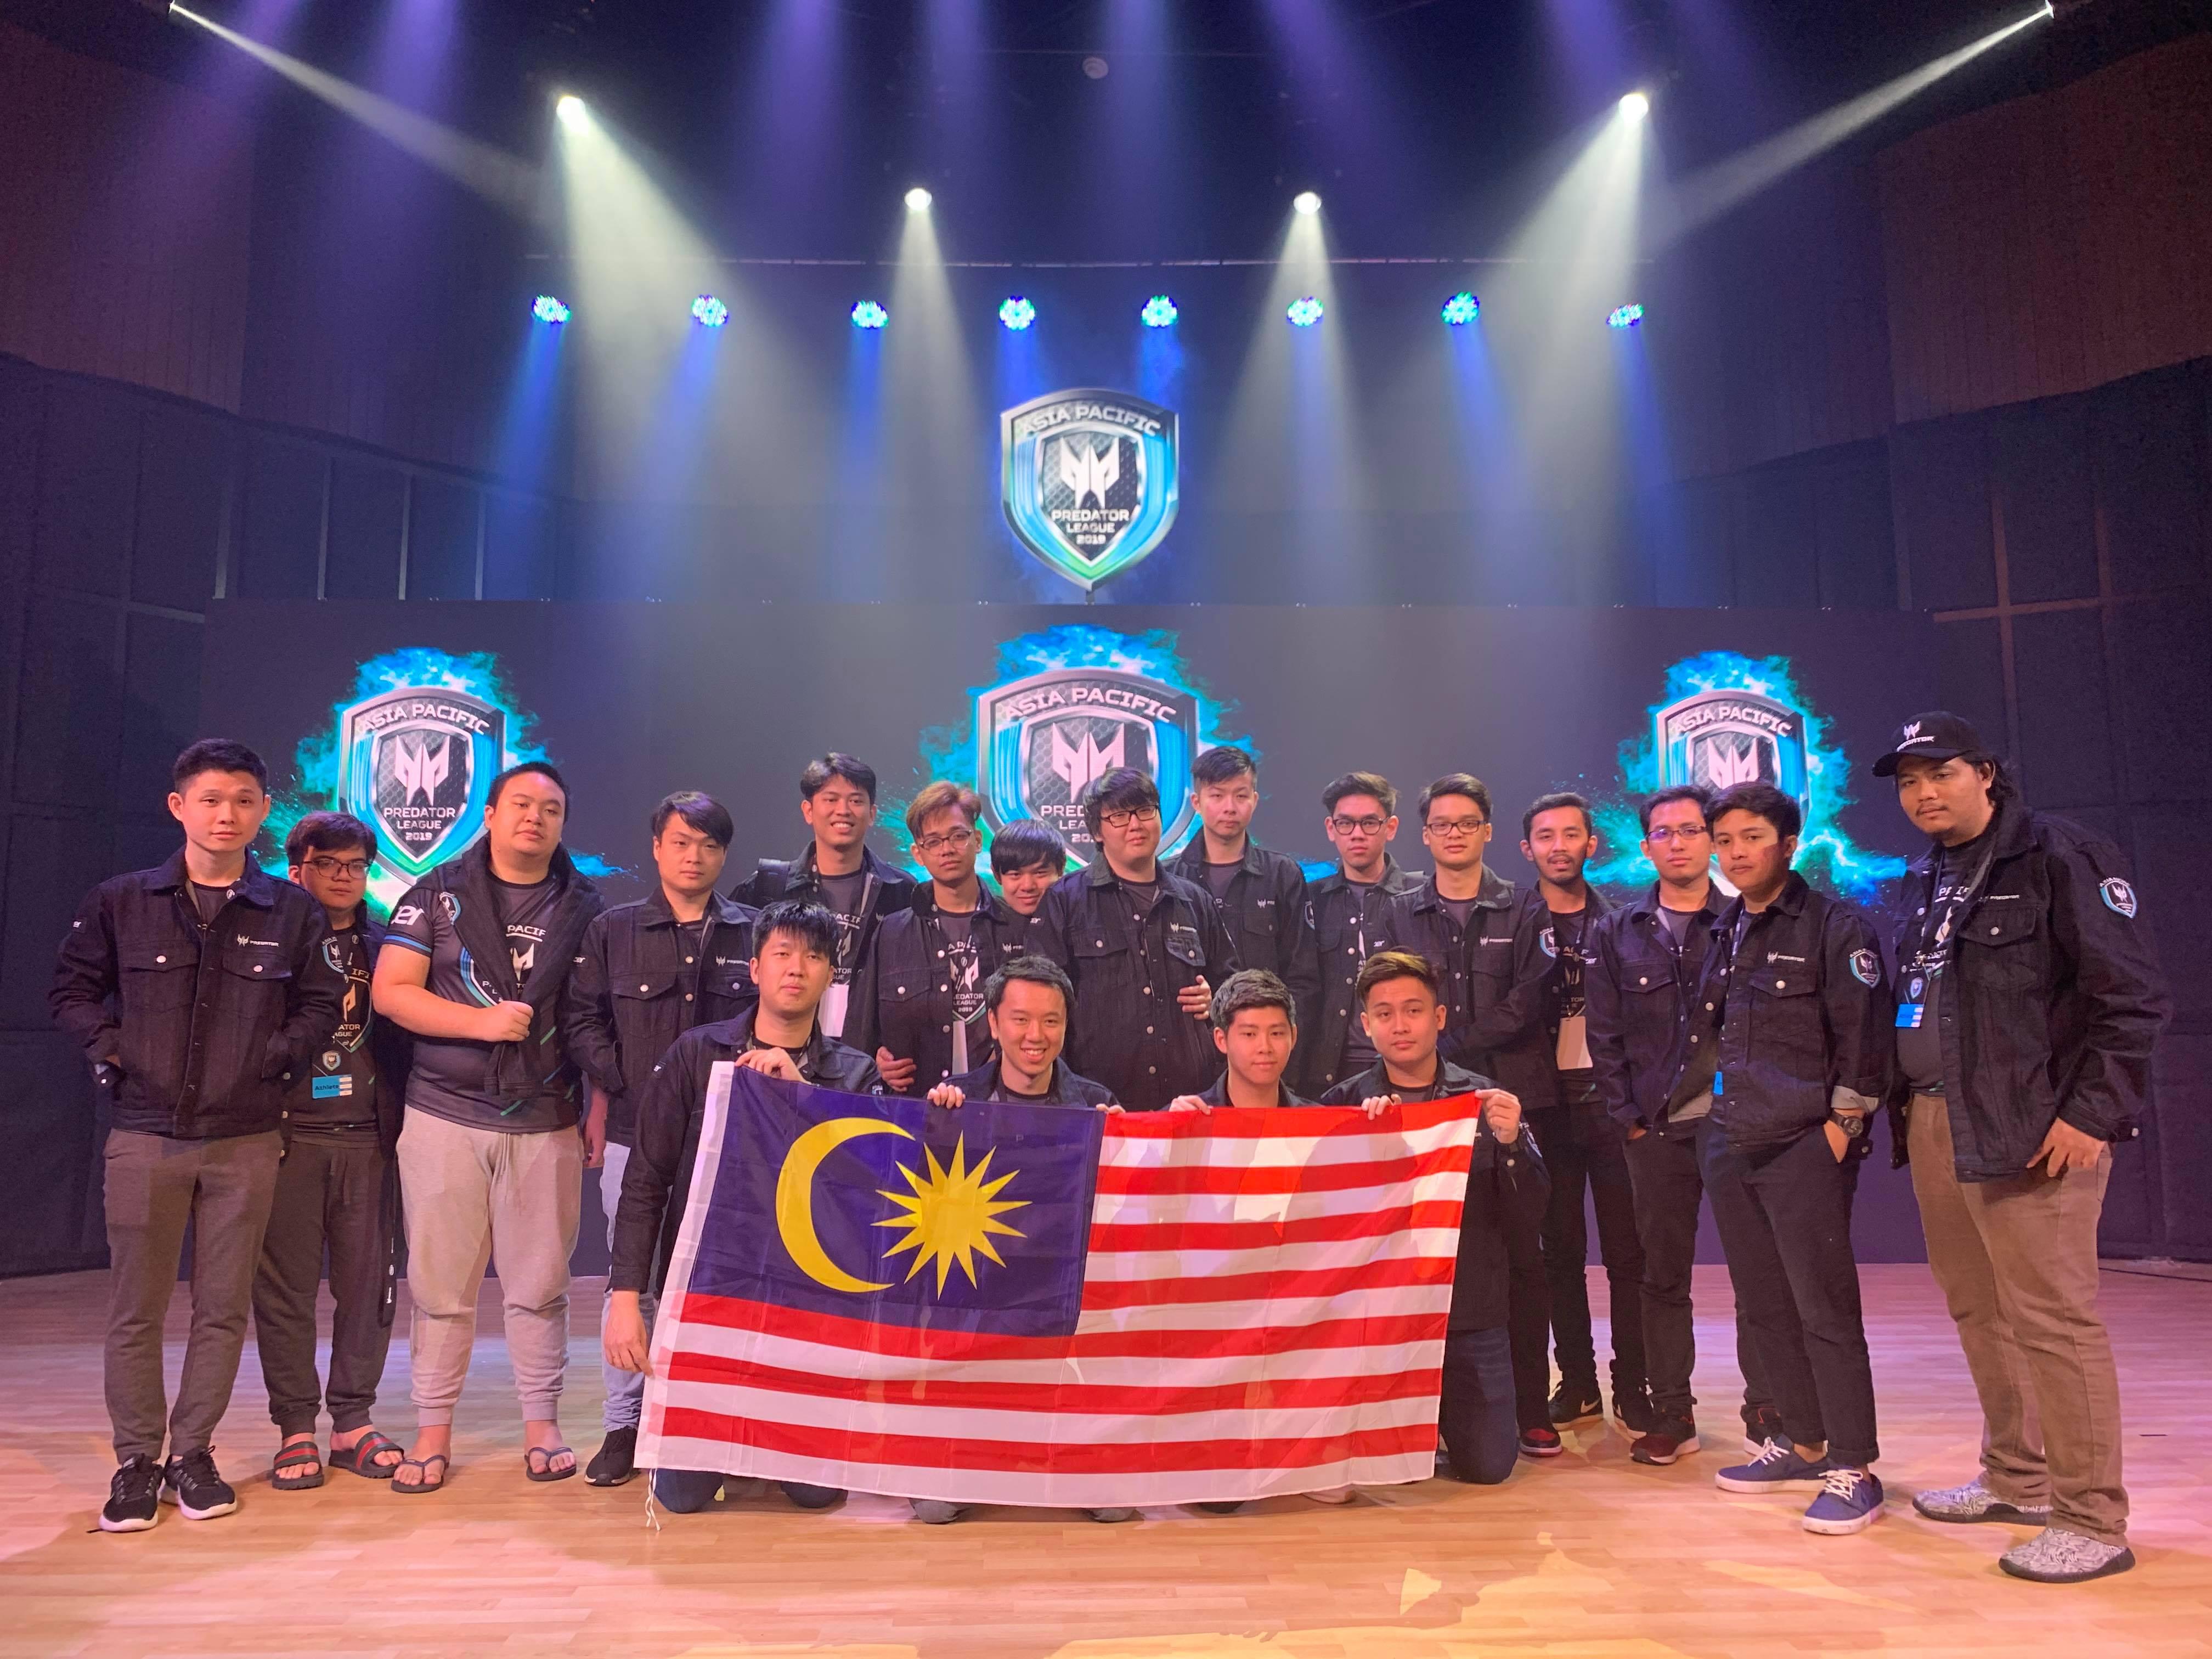 Saksikan Team Asbol, Lotac & Geek Fam Berentap Di Acer APAC Predator League Grand Final